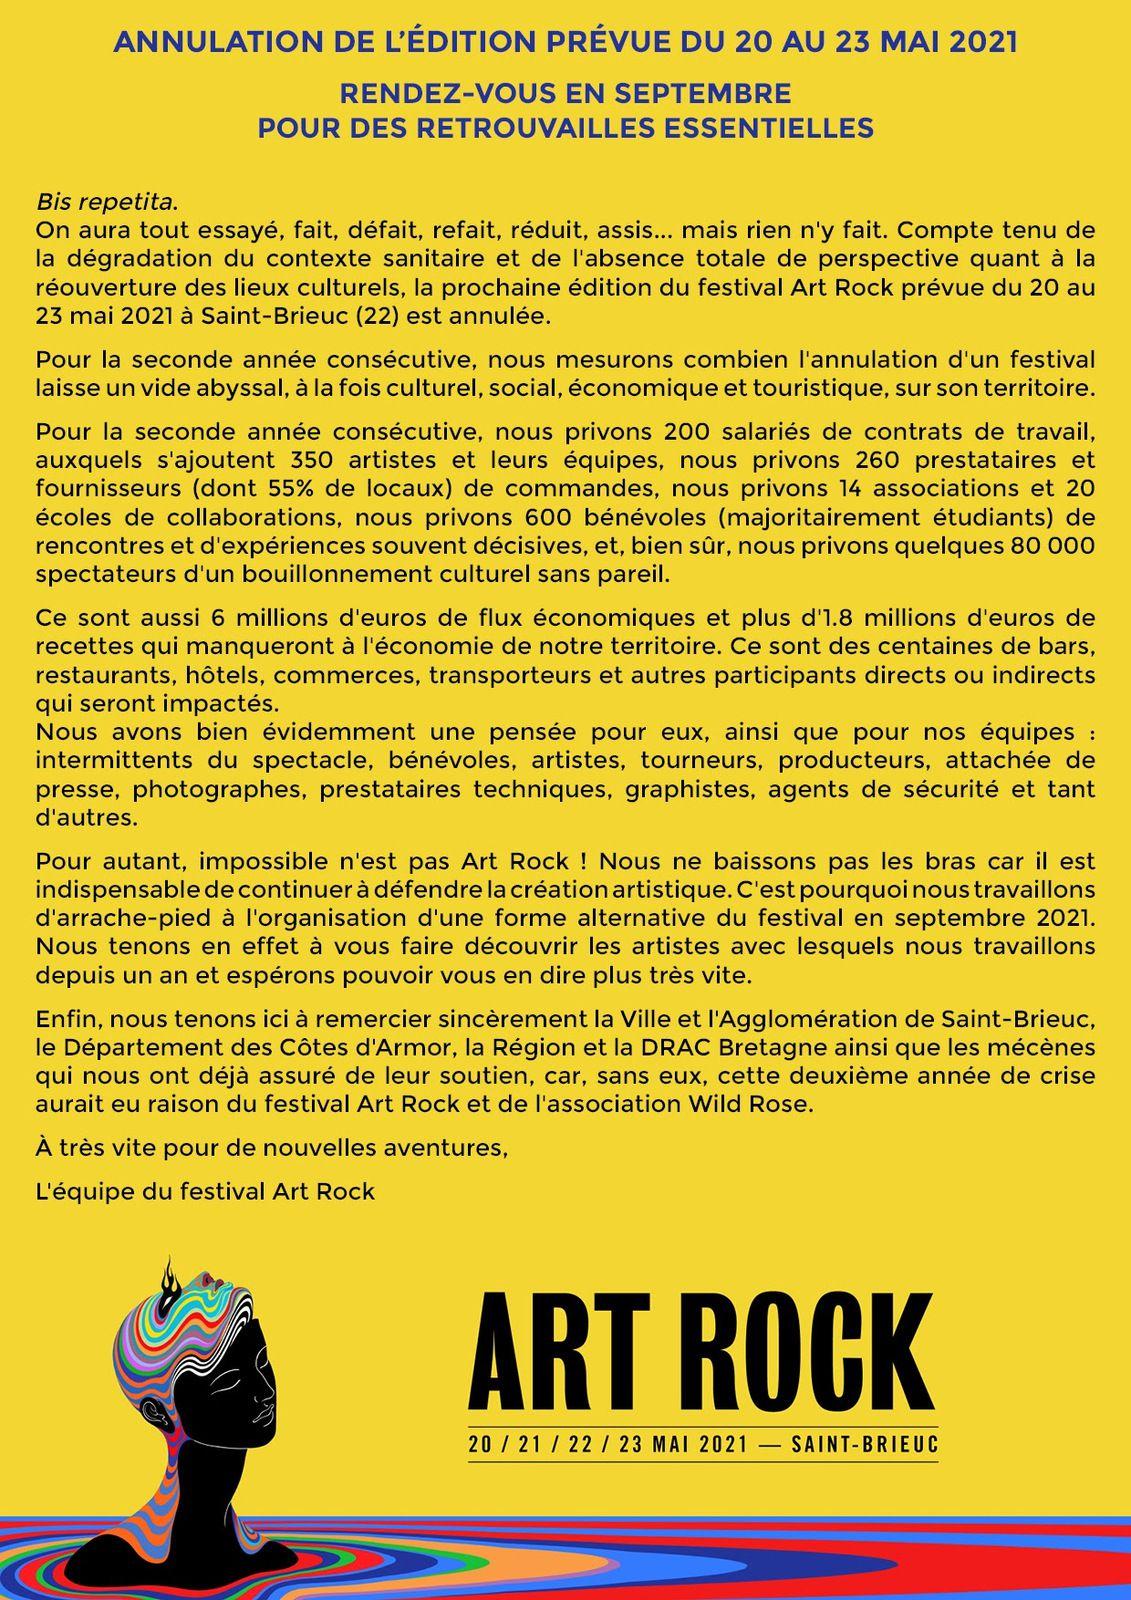 ART ROCK : annulation de l'édition prévue du 20 au 23 mai 2021